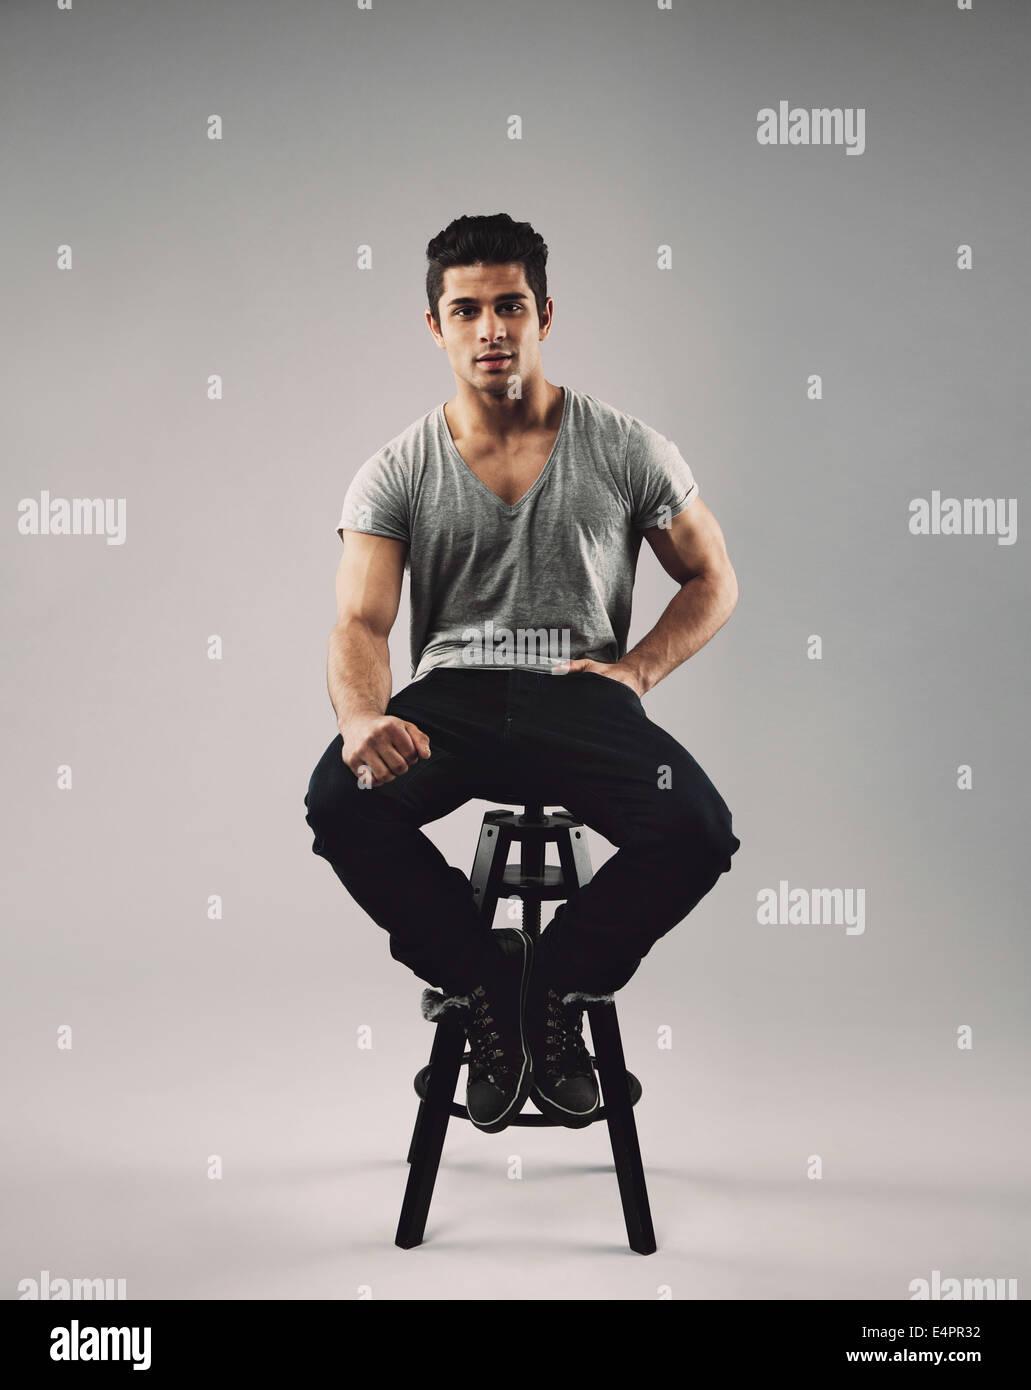 Retrato de smart joven sentado en las heces. Atractivo modelo masculino posando sobre fondo gris. Imagen De Stock